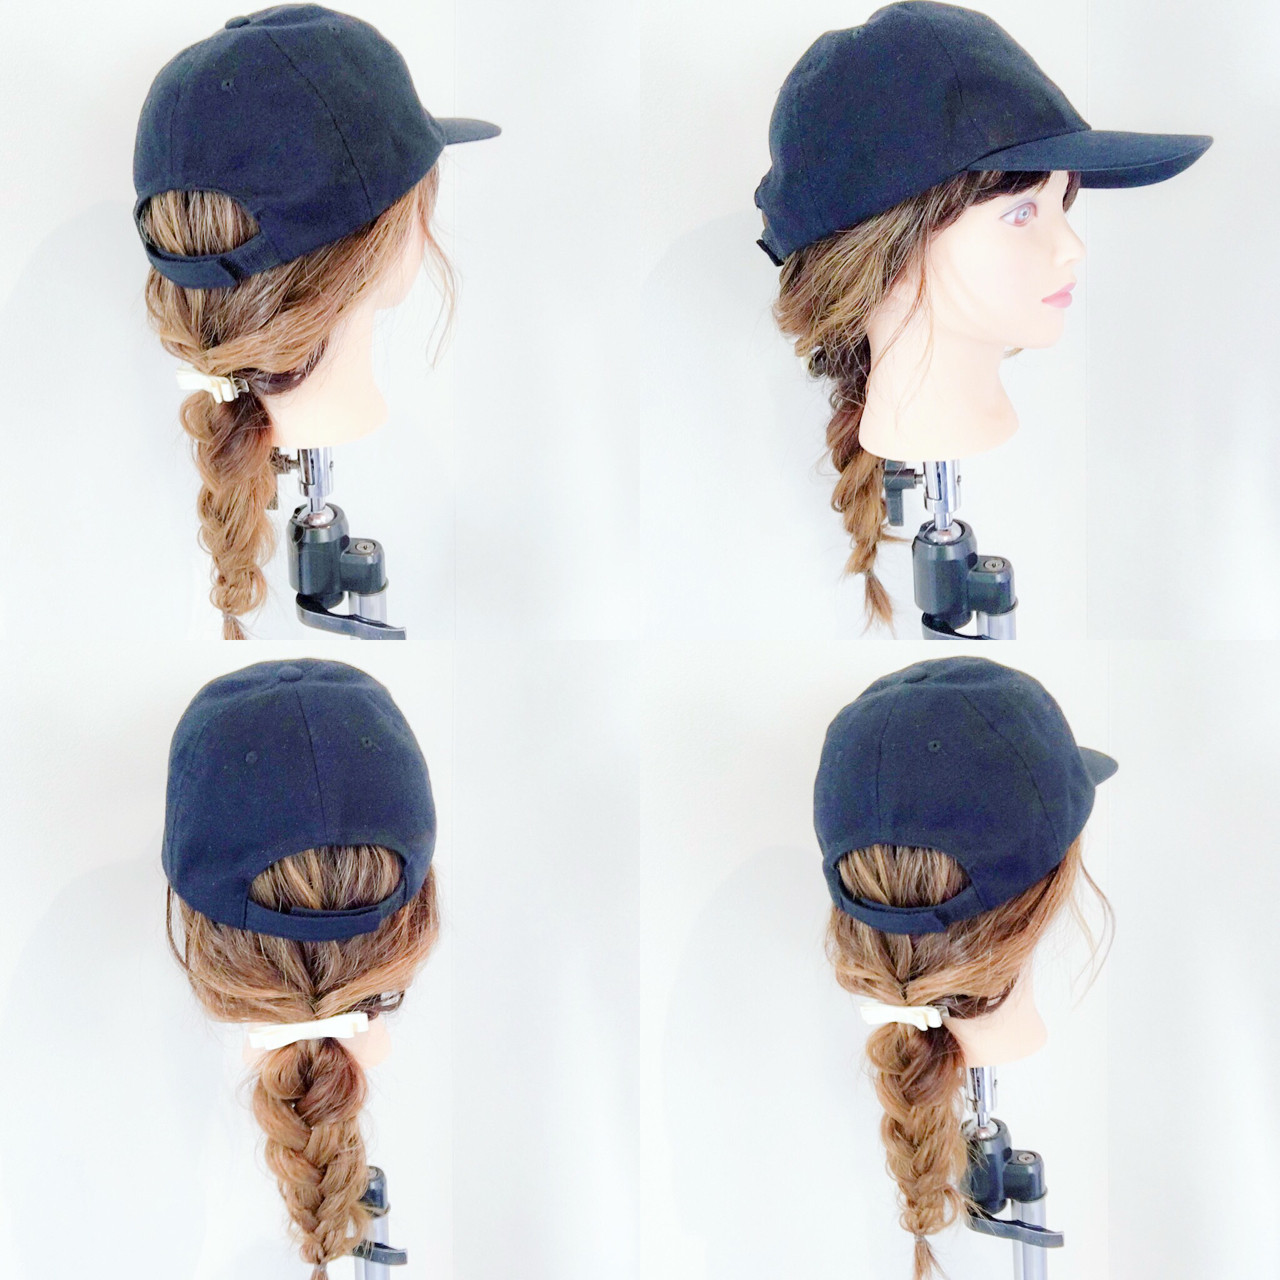 デート アウトドア ポニーテール キャップ ヘアスタイルや髪型の写真・画像